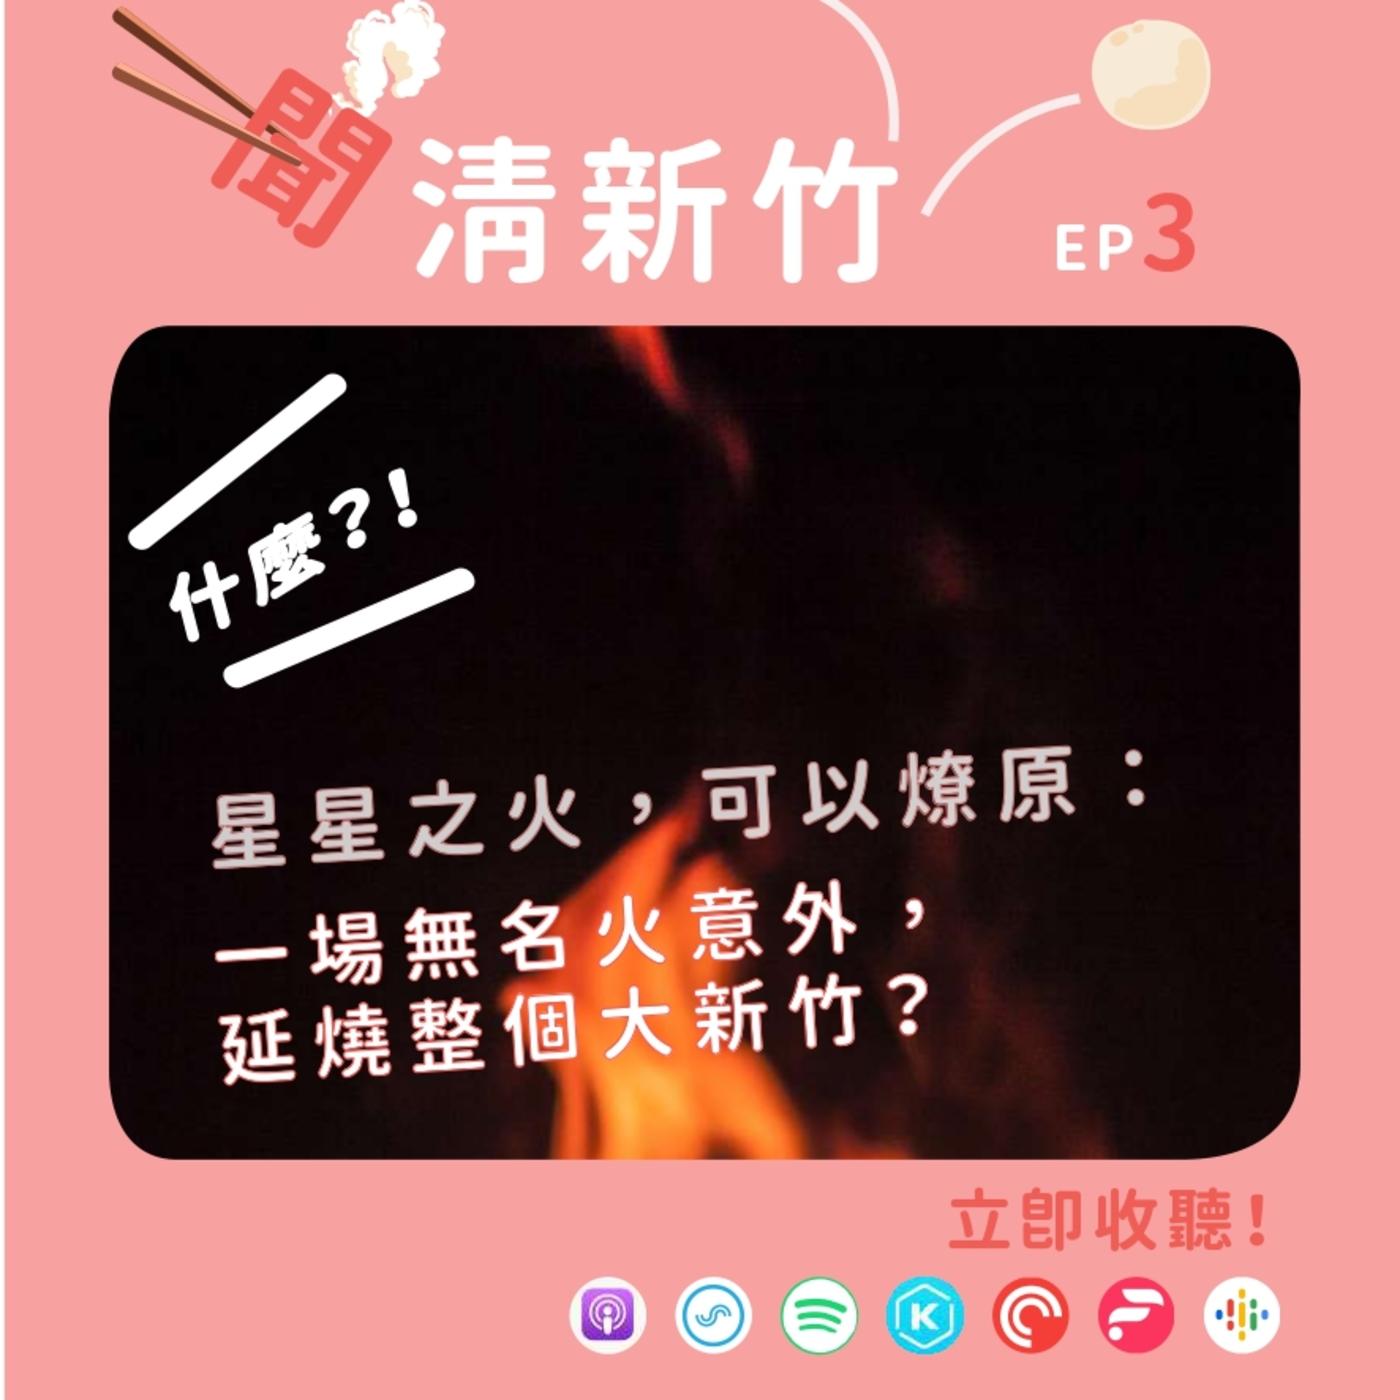 EP3 南寮海岸 ft. 新竹市議員李姸慧/清大物理弘祥(台中)